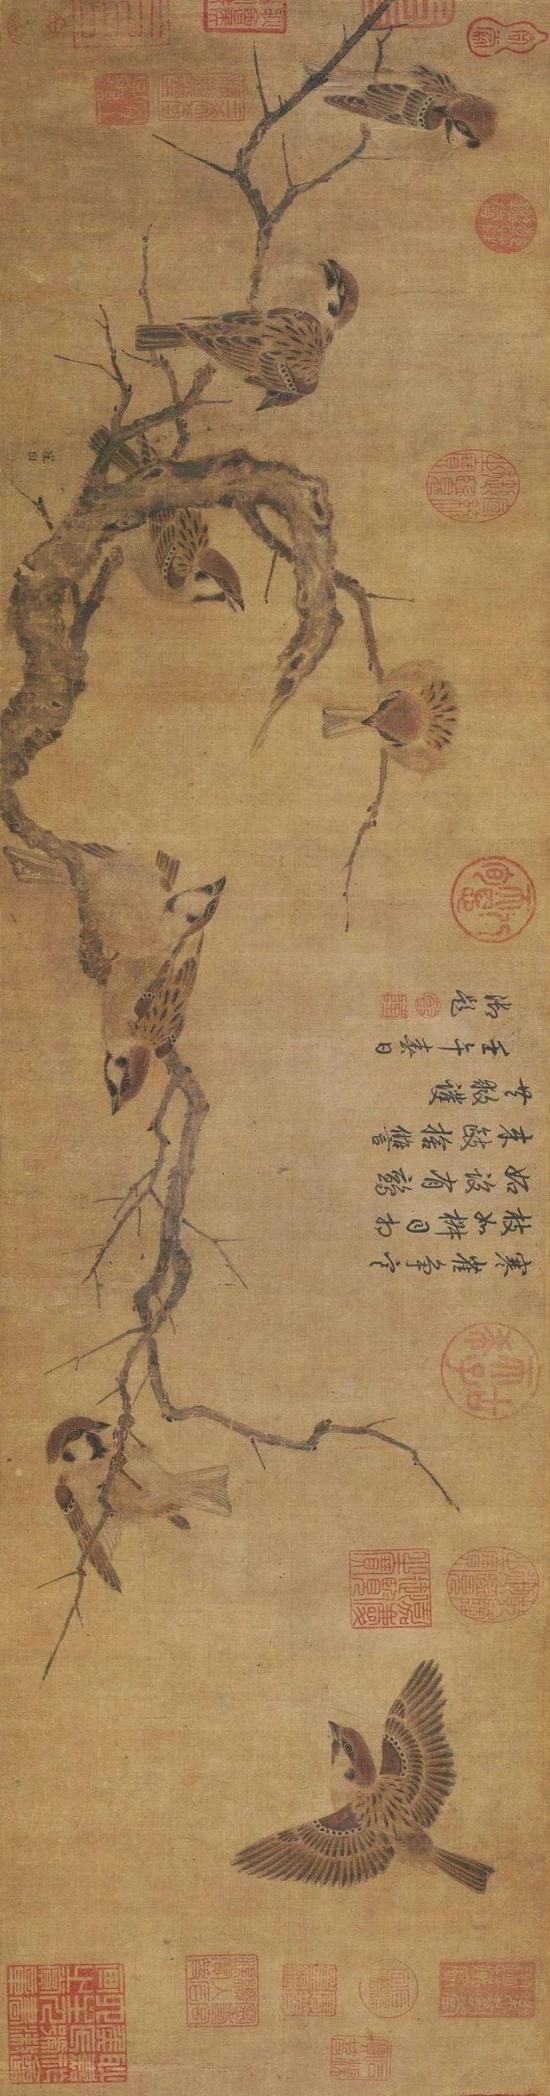 《寒雀图图卷》 崔白 23.5 × 101.4 cm 北京故宫博物院藏